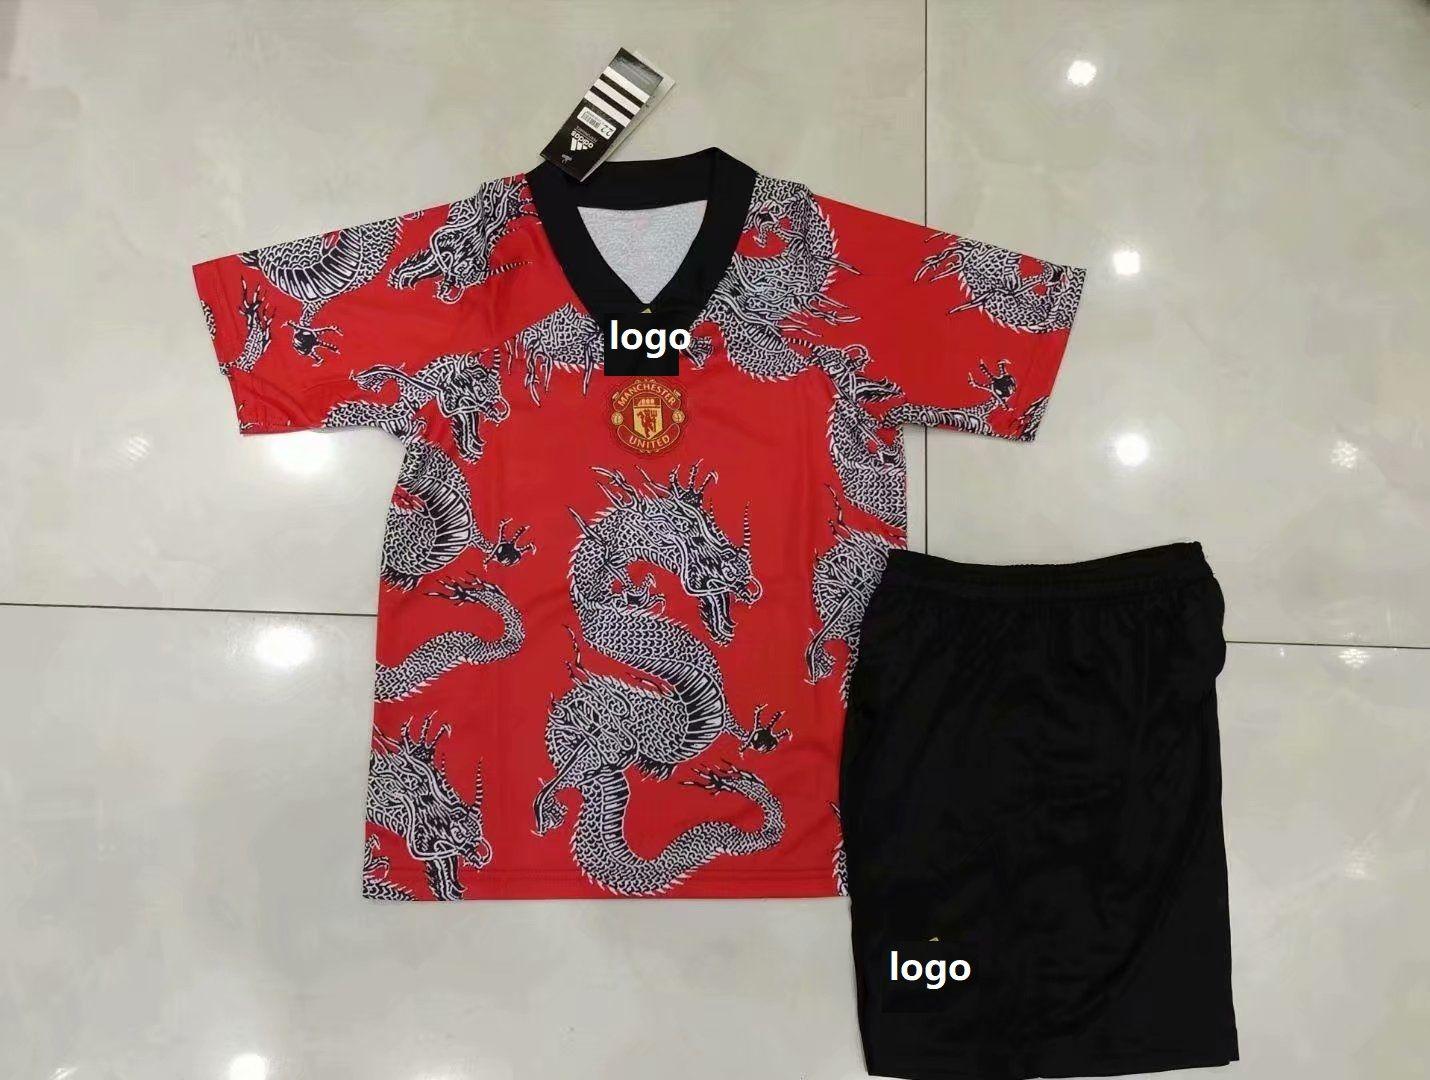 2020 21 Children Manchester United Dragon Red Soccer Uniforms Football Kits In 2020 Soccer Uniforms Football Kits Soccer